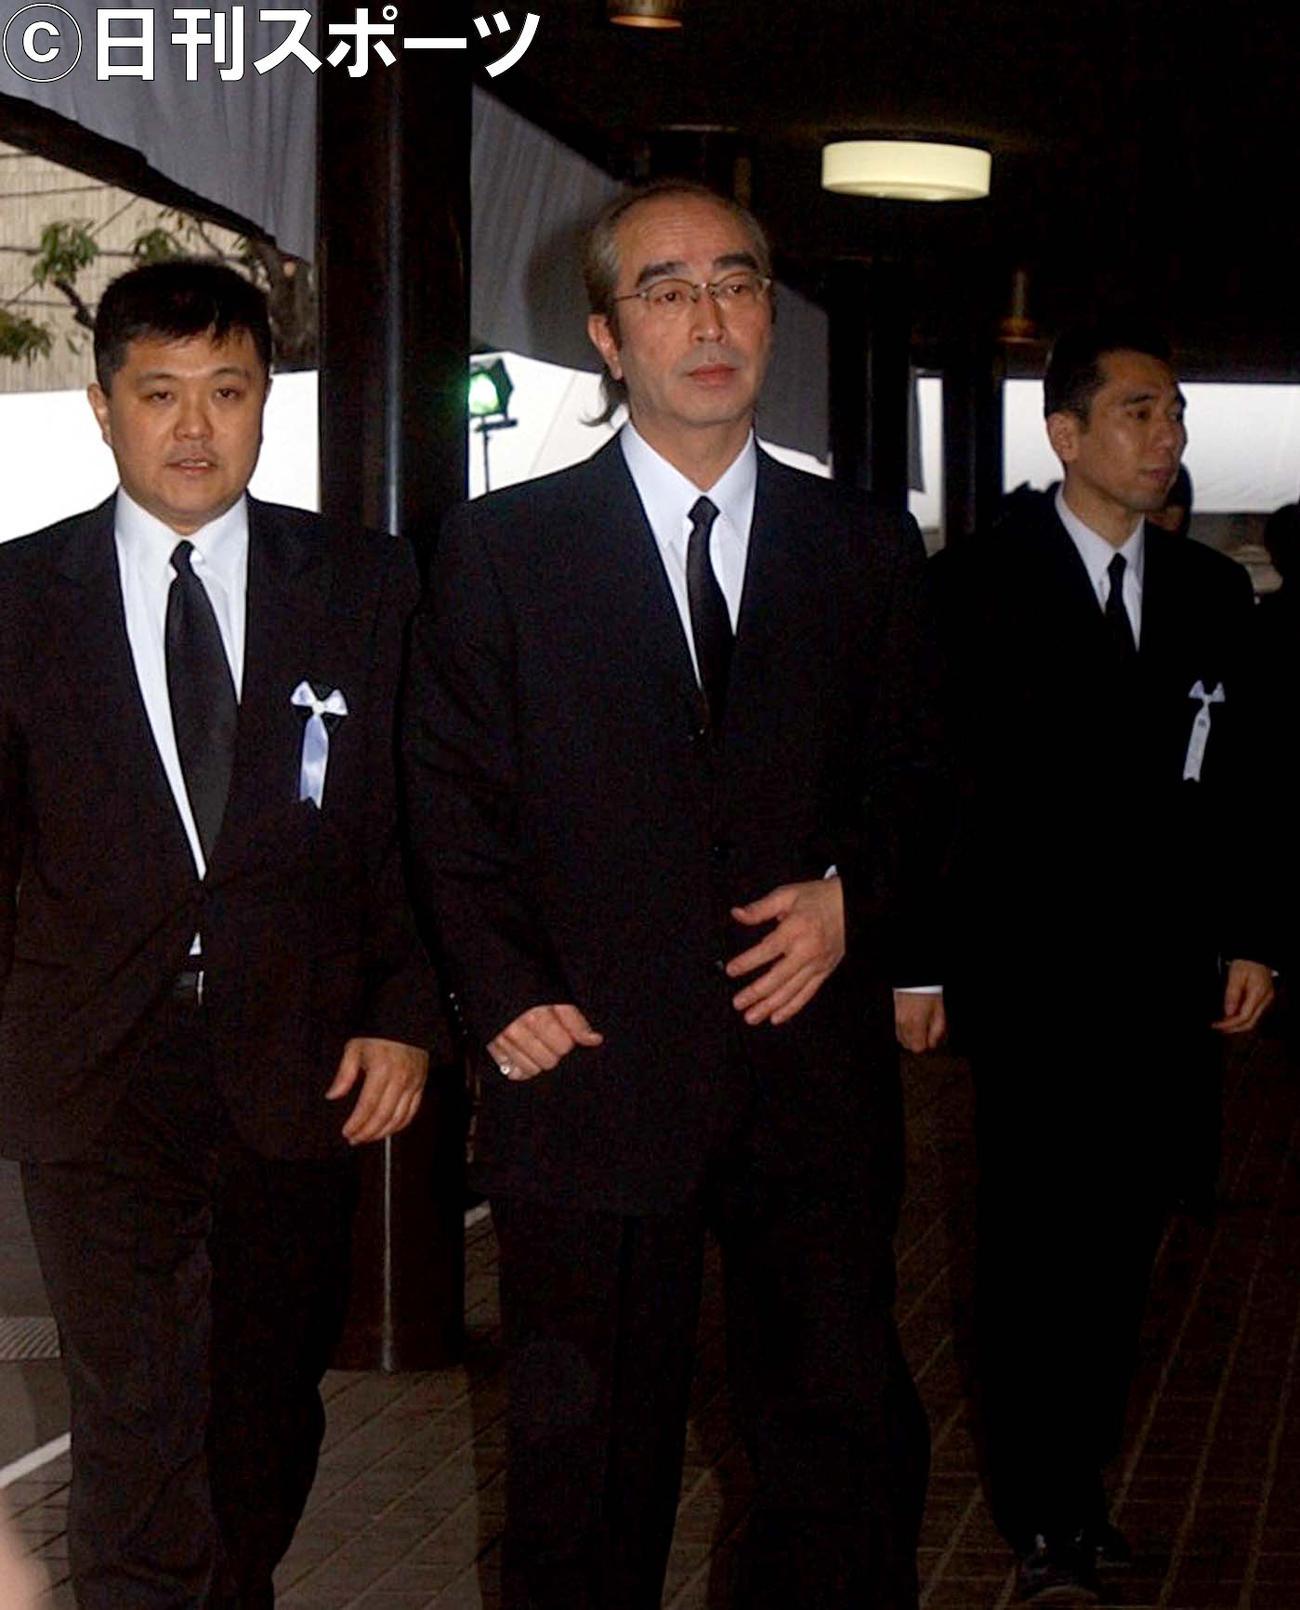 いかりや長介さんの通夜に訪れた志村けんさん(2004年3月23日撮影)